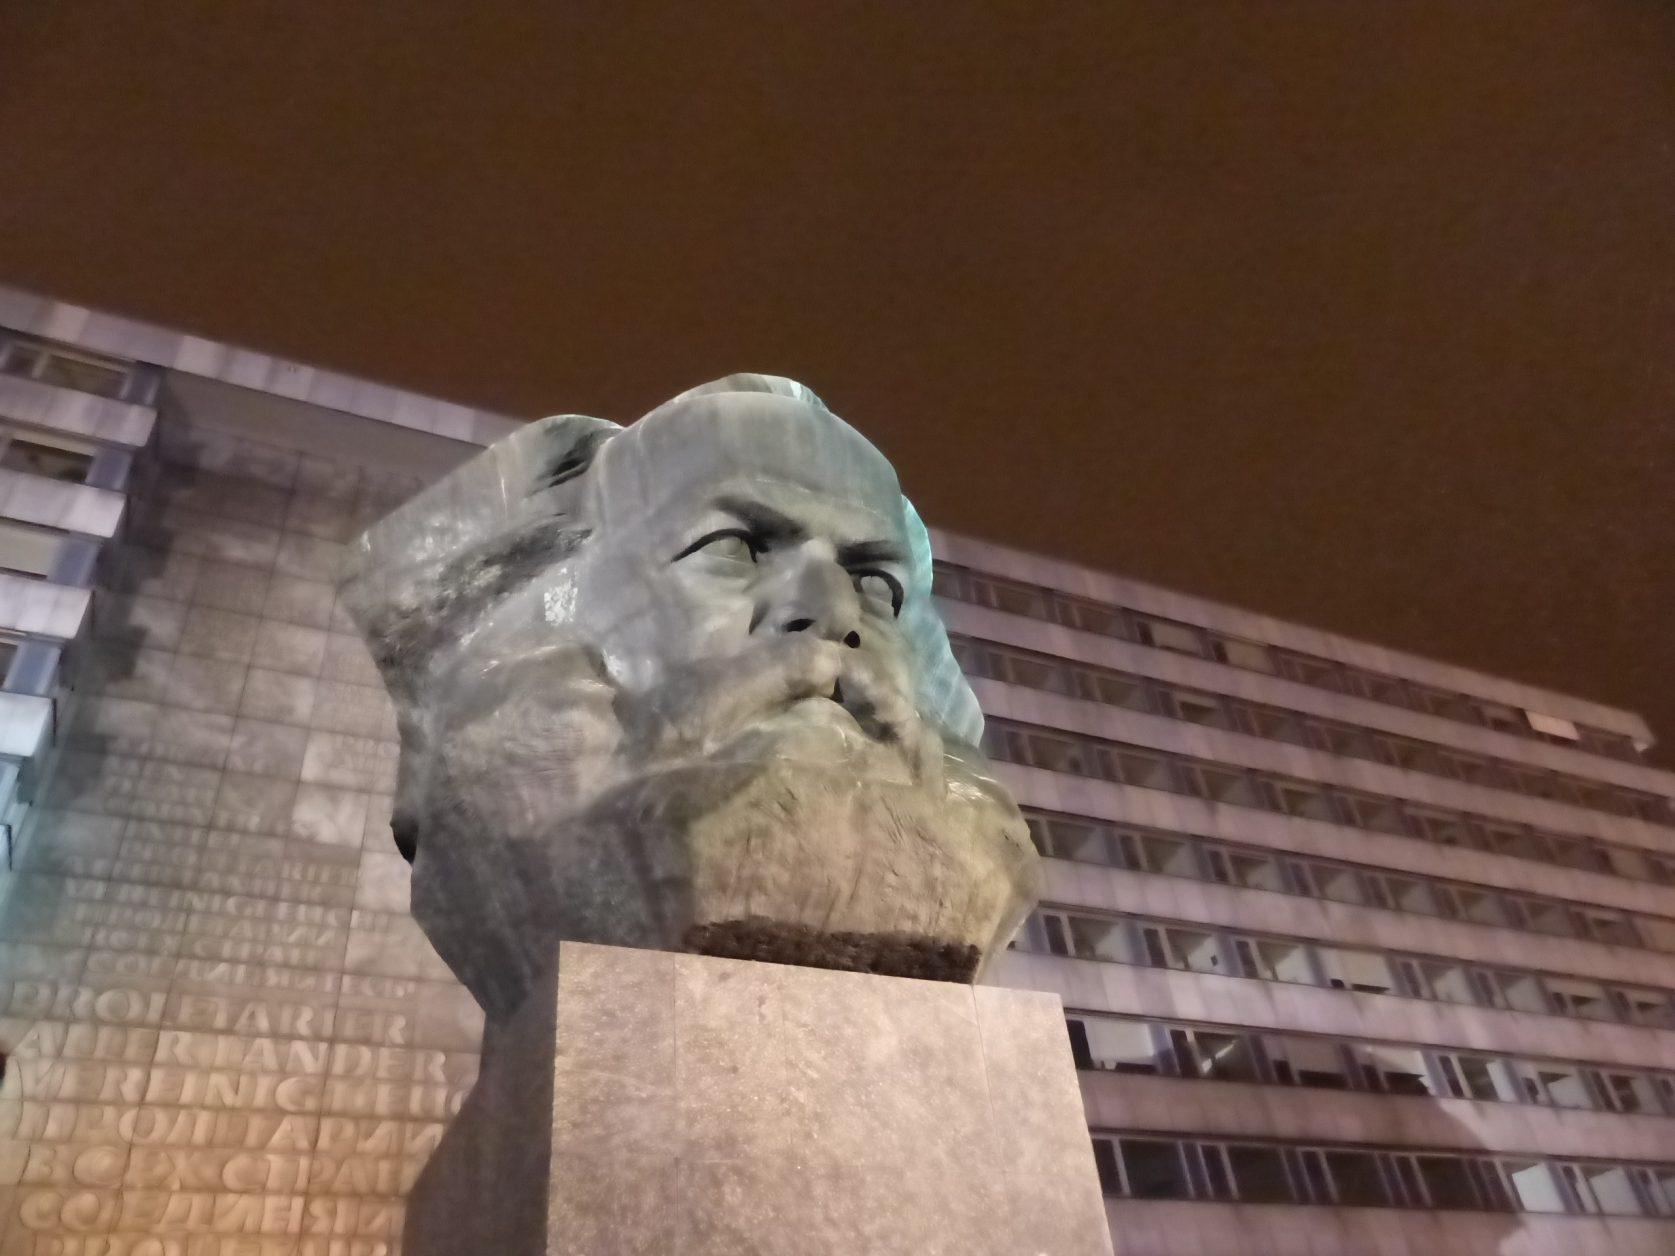 In chemnbitz ein Muss: der Nischel genannte Marx-Kopf im Zentrum